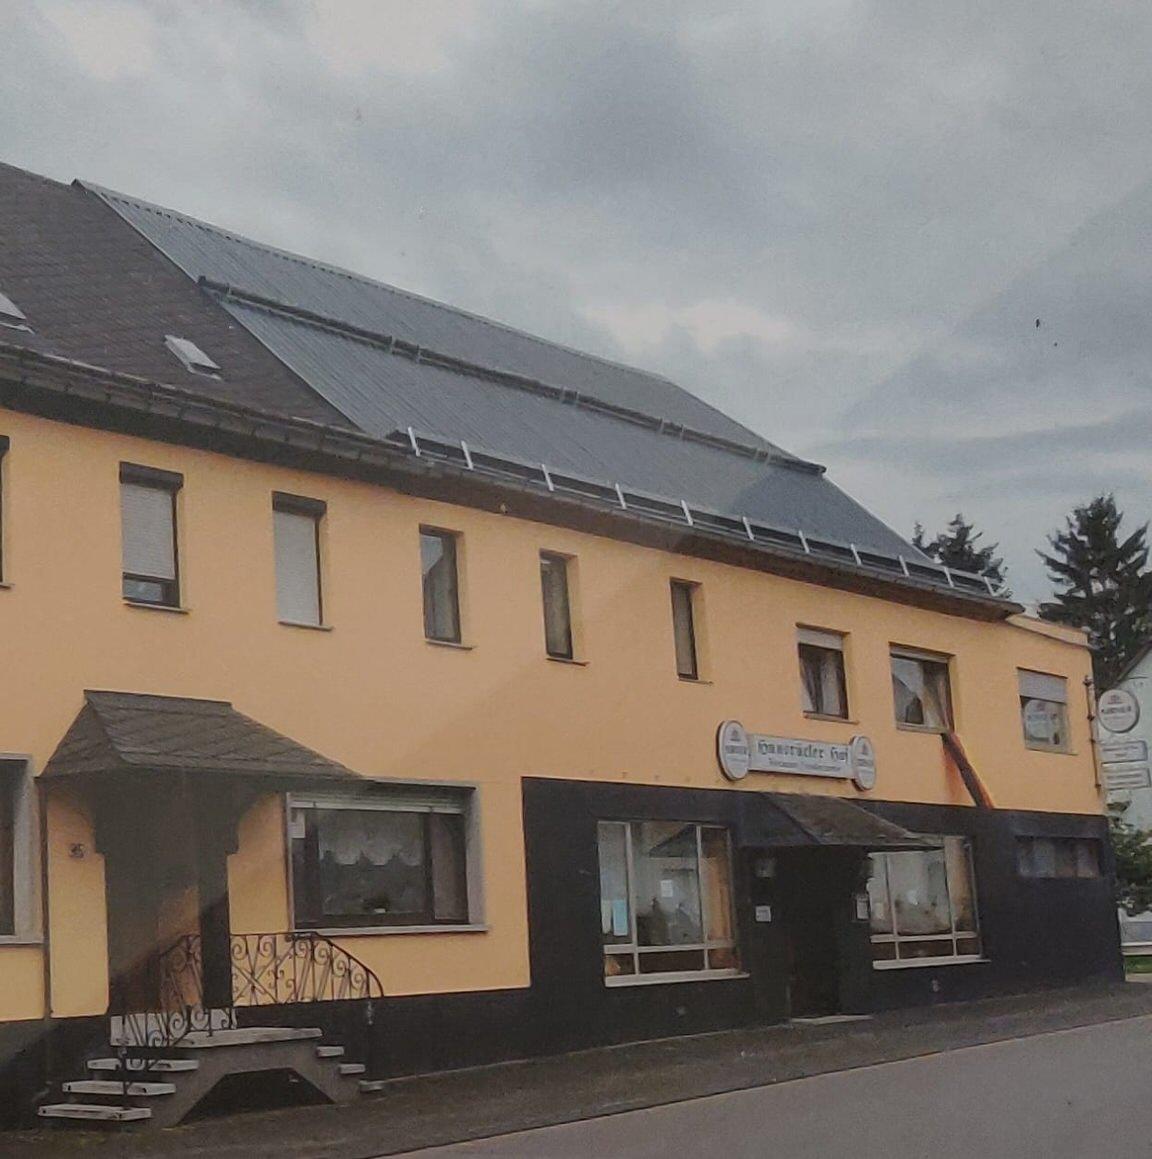 Gästehaus Gasthaus Hunsrücker Hof, Monteurzimmer in Brücken bei St. Wendel